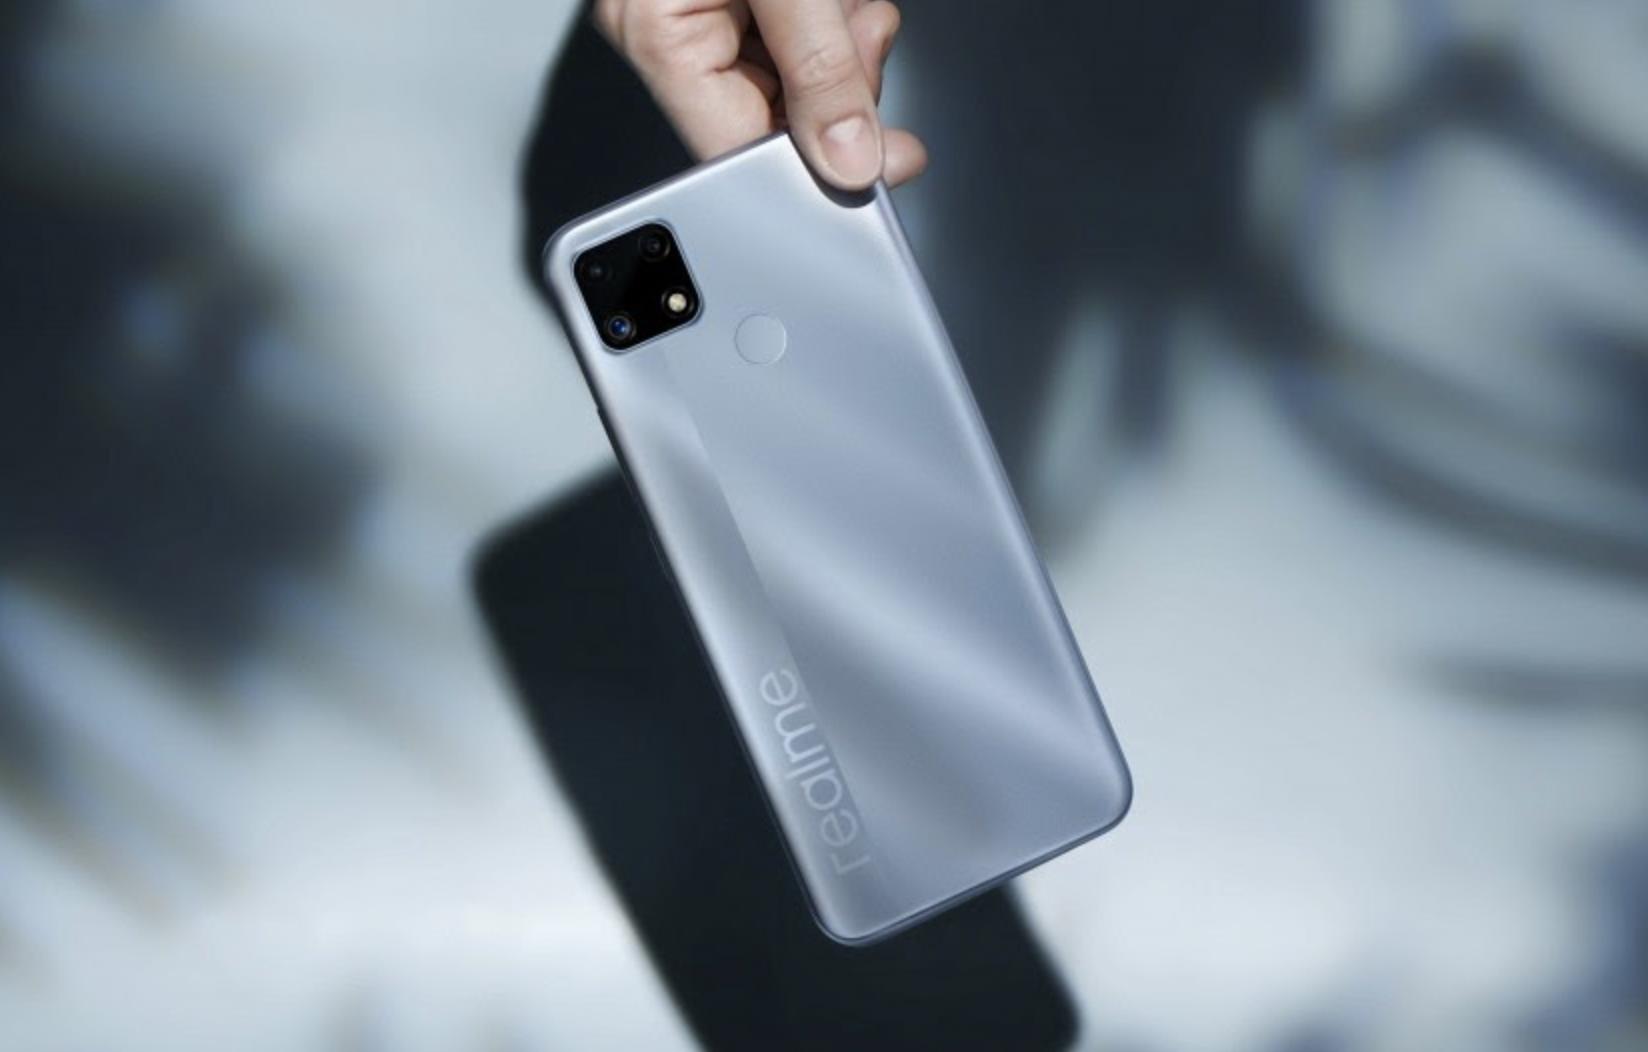 Realme tiếp tục tập trung vào phân khúc giá rẻ với smartphone pin khủng dòng C.